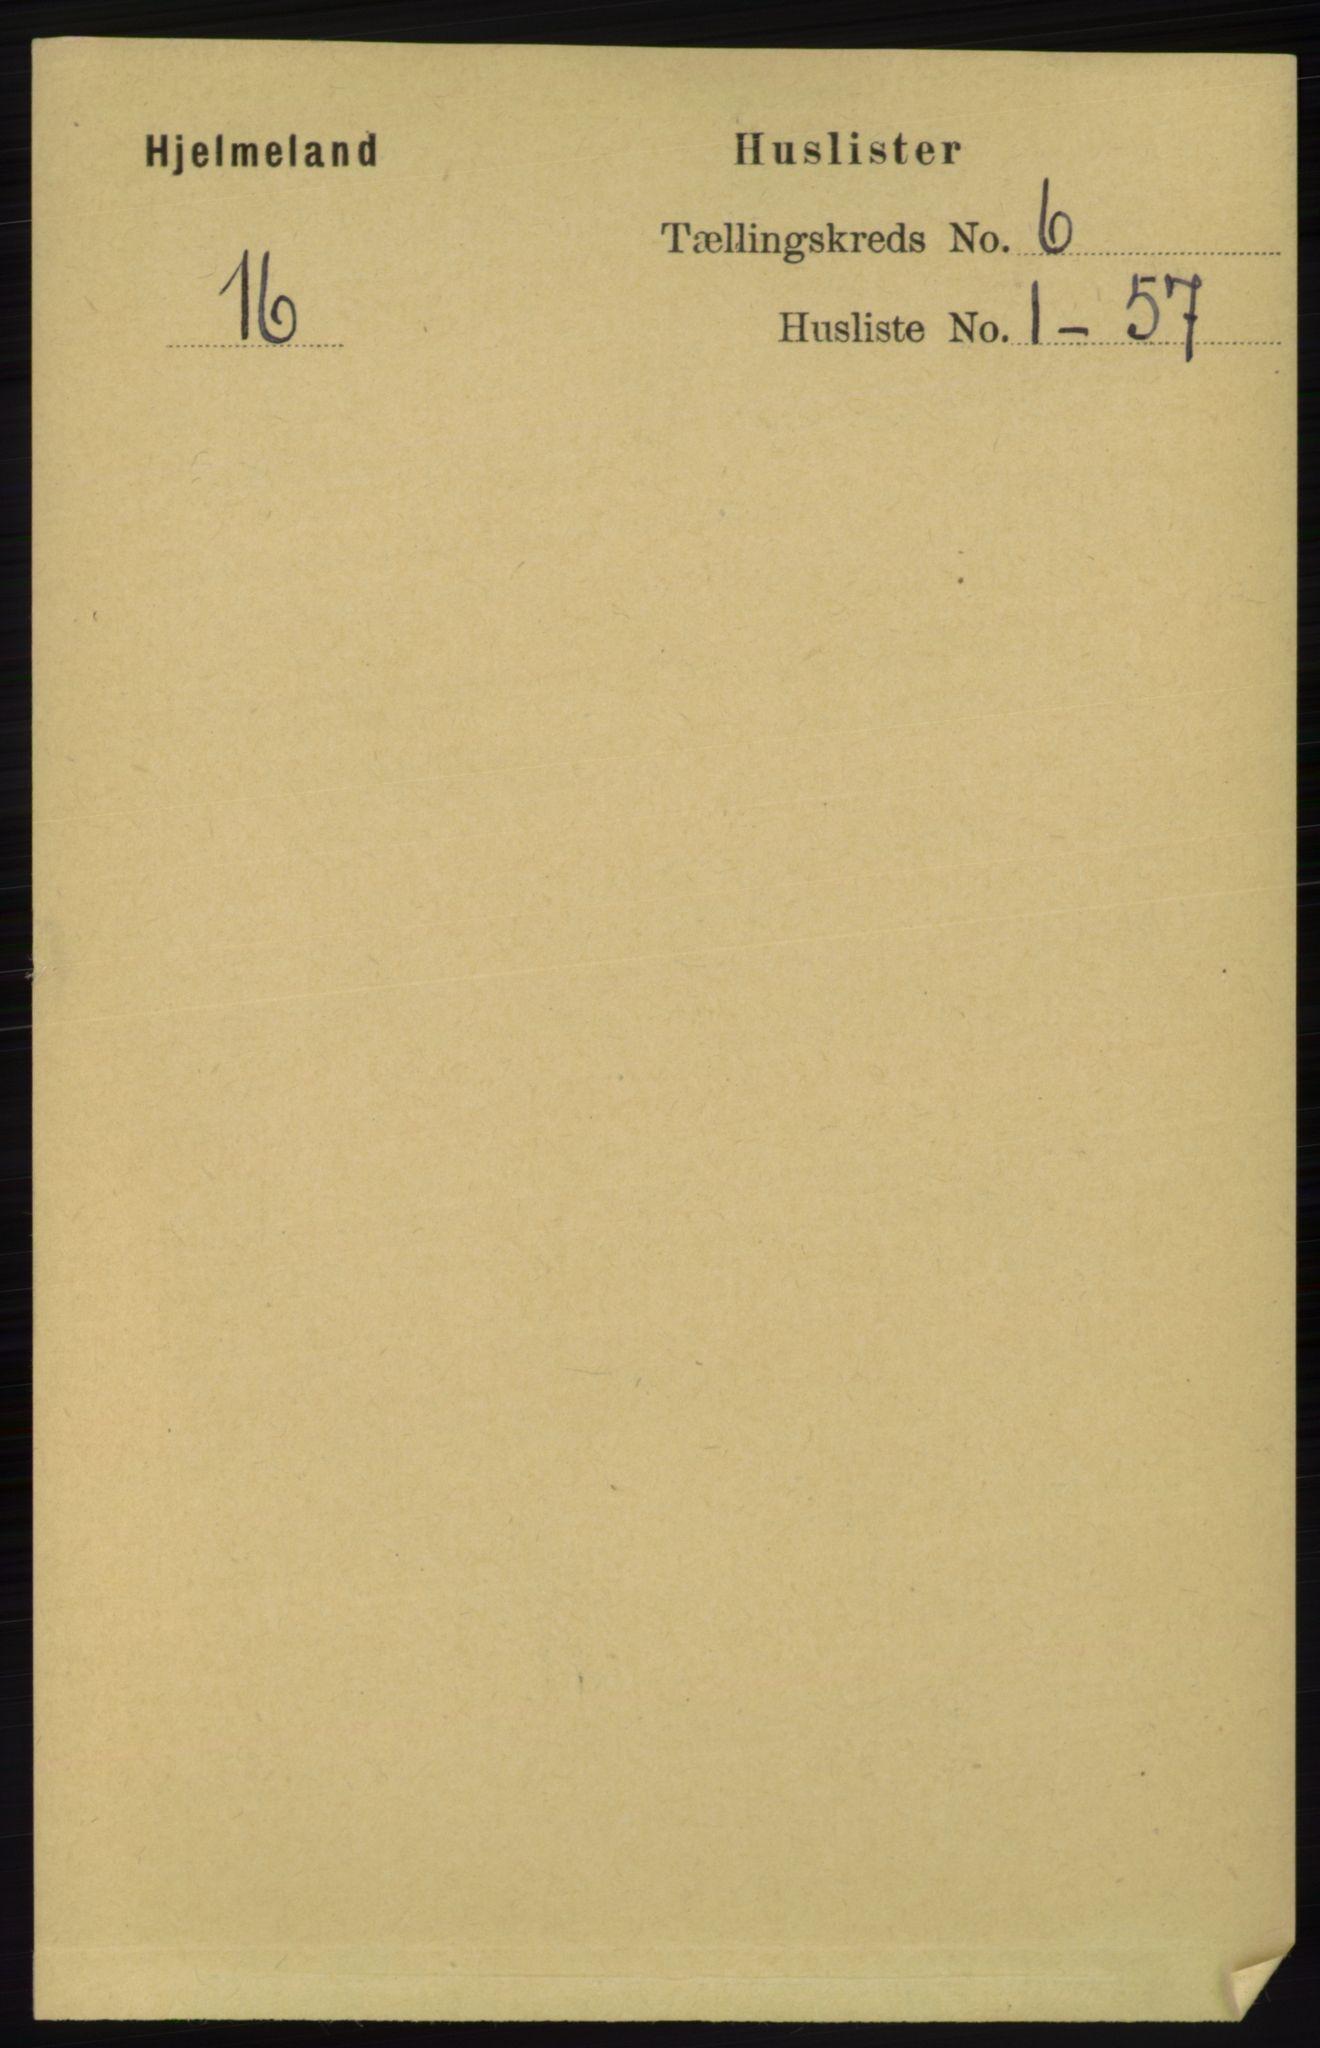 RA, Folketelling 1891 for 1133 Hjelmeland herred, 1891, s. 1496